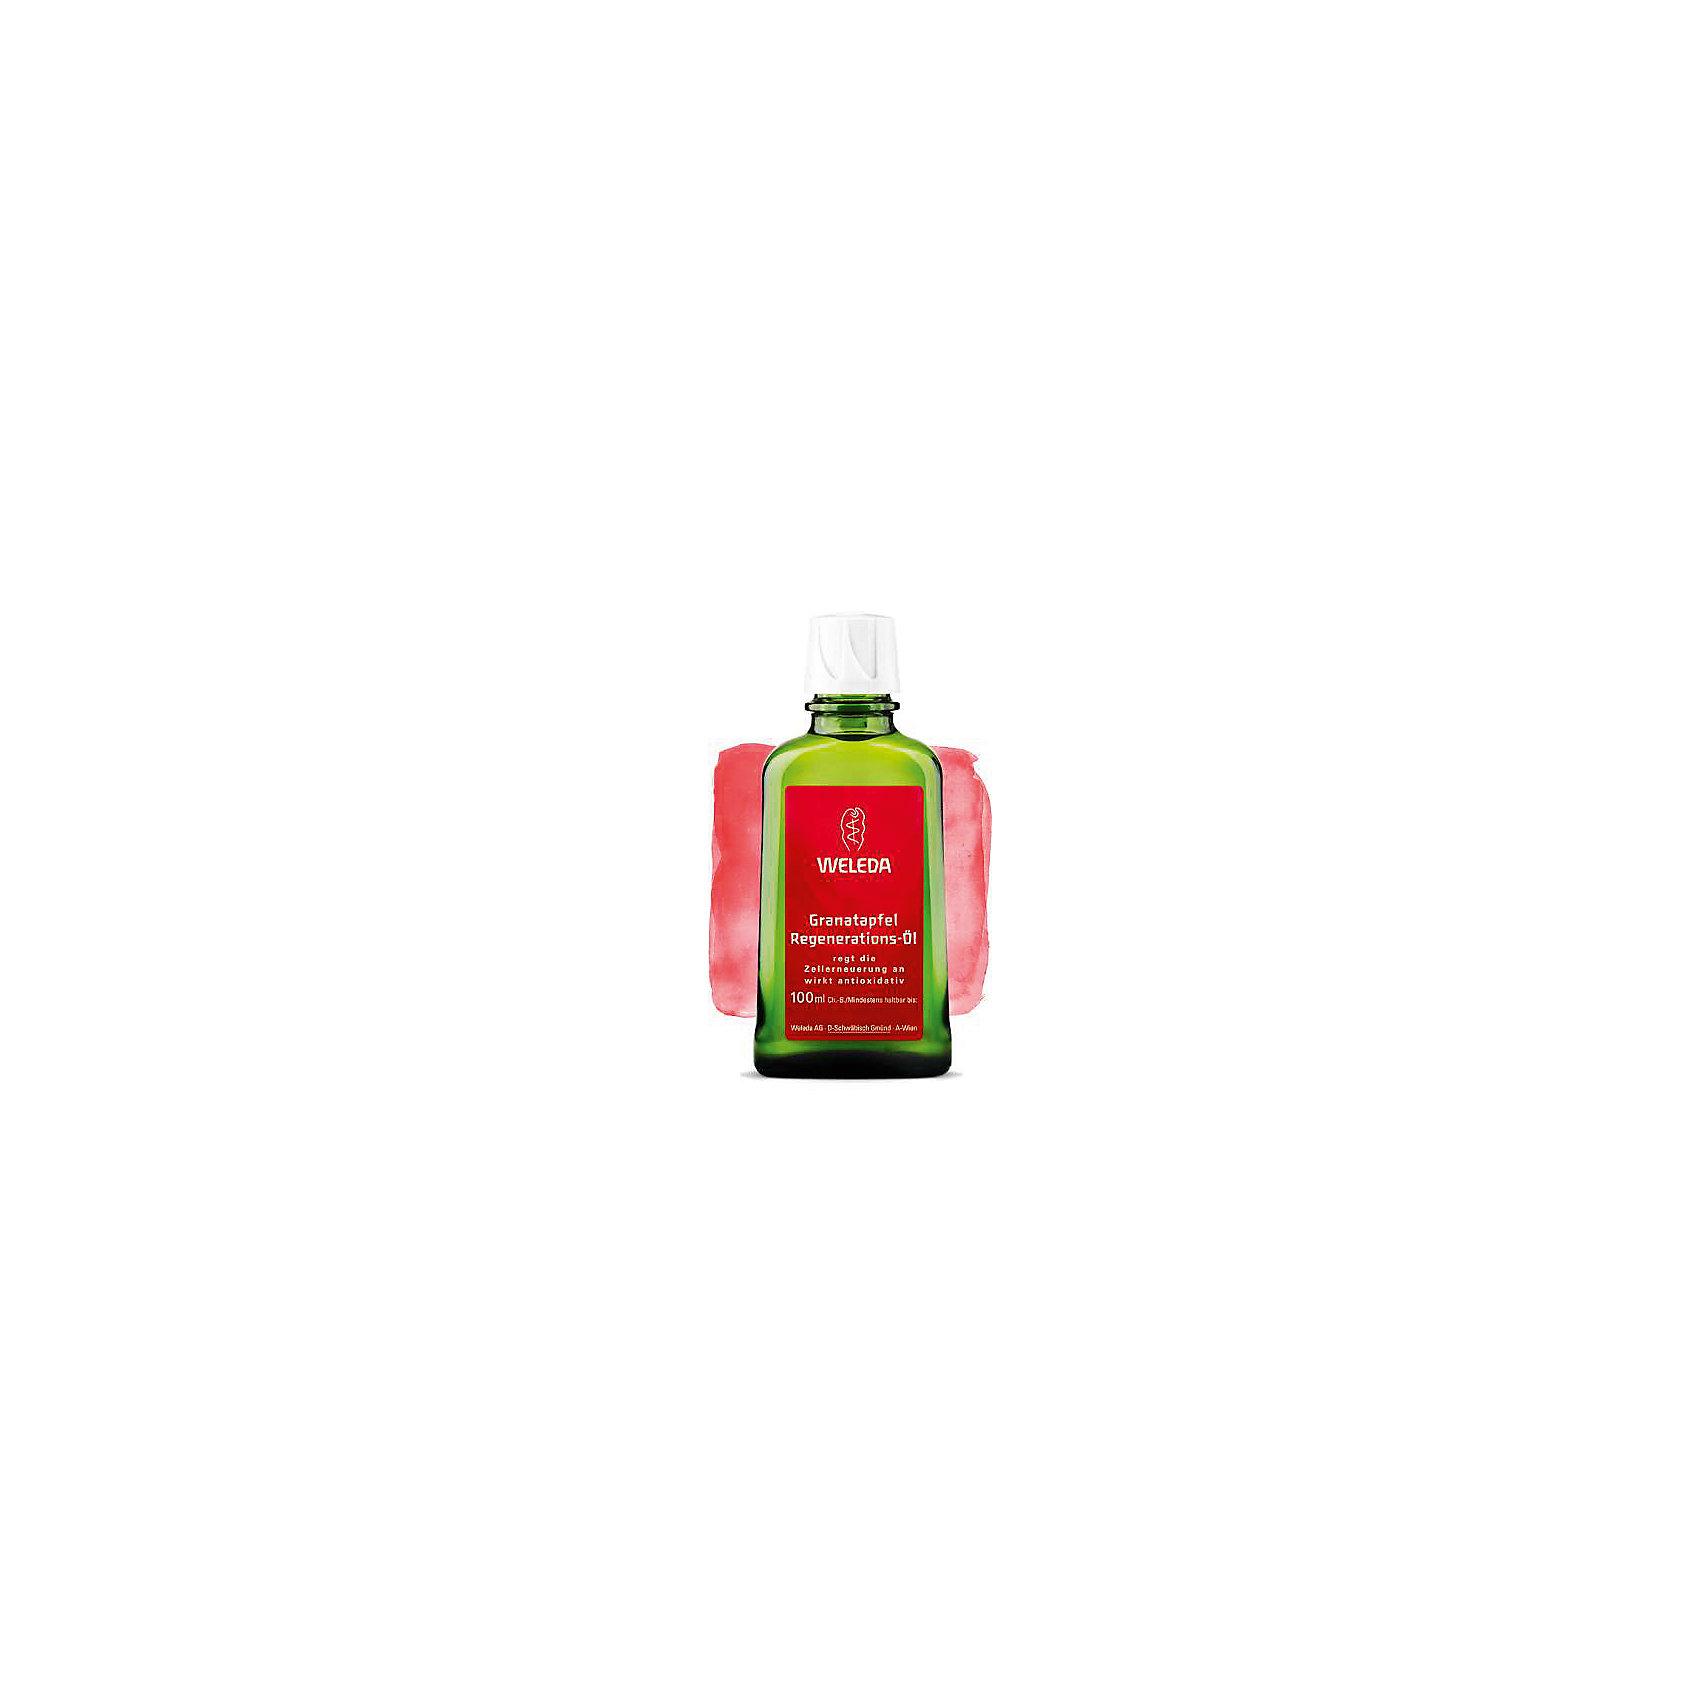 Масло гранатовое восстанавливающее для тела 100мл, WeledaСредства для ухода<br>Масло гранатовое восстанавливающее для тела 100 мл, Weleda<br><br>Характеристики:<br><br>• объём: 100 мл.<br>• особенности: активизирует и восстанавливает<br>• состав: Масла жожоба, Кунжута, подсолнечника, зародышей пшеницы, ореха макадамии, гранатовых косточек, Экстракты семян проса, лепестков подсолнечника, Лимонен*, Неомыляемая фракция масла плодов оливы, ароматическая композиция из натуральных эфирных масел, Линалоол*1 Цитронеллол* Гераниол* Цитраль* Эвгенол* Кумарин* Фарнезол* (*на основе концентрата натуральных масел)<br>• для мам<br>• страна производитель: Германия<br><br>Более 75 лет швейцарская компания натуральной косметики Weleda (Веледа) заботится о малышах, будущих мамах и природе. Масло гранатовое Weleda (Веледа) – это чистая, натуральная формула, которая регенерирует клетки кожи и активизирует их работу, настраивая на самостоятельное восстановление и питание. Специальные свойства ценных масел придают коже гладкости, делая ее бархатной и упругой. Средства с гранатом лидируют в категории ухода за зрелой кожей, а ароматные терпкие эфирные масла придают маслу роскошный запах. <br><br>Натуральные компоненты благотворно воздействуют на кожу, подтягивая её при ежедневном использовании. Природные компоненты состава масла не провоцируют аллергию, его формула проверена дерматологами и не провоцирует раздражения. Специальный флакон из непрозрачного стекла сохраняет свойства масла, а углубления на флаконе предотвращают выскальзывание из рук. Флакон оснащен практичным дозатором. Ощутите бережную заботу с серией масел от Weleda (Веледа)!<br><br>Масло гранатовое восстанавливающее для тела 100мл, Weleda можно купить в нашем интернет-магазине.<br><br>Ширина мм: 250<br>Глубина мм: 100<br>Высота мм: 250<br>Вес г: 100<br>Возраст от месяцев: 216<br>Возраст до месяцев: 1188<br>Пол: Женский<br>Возраст: Детский<br>SKU: 5414507